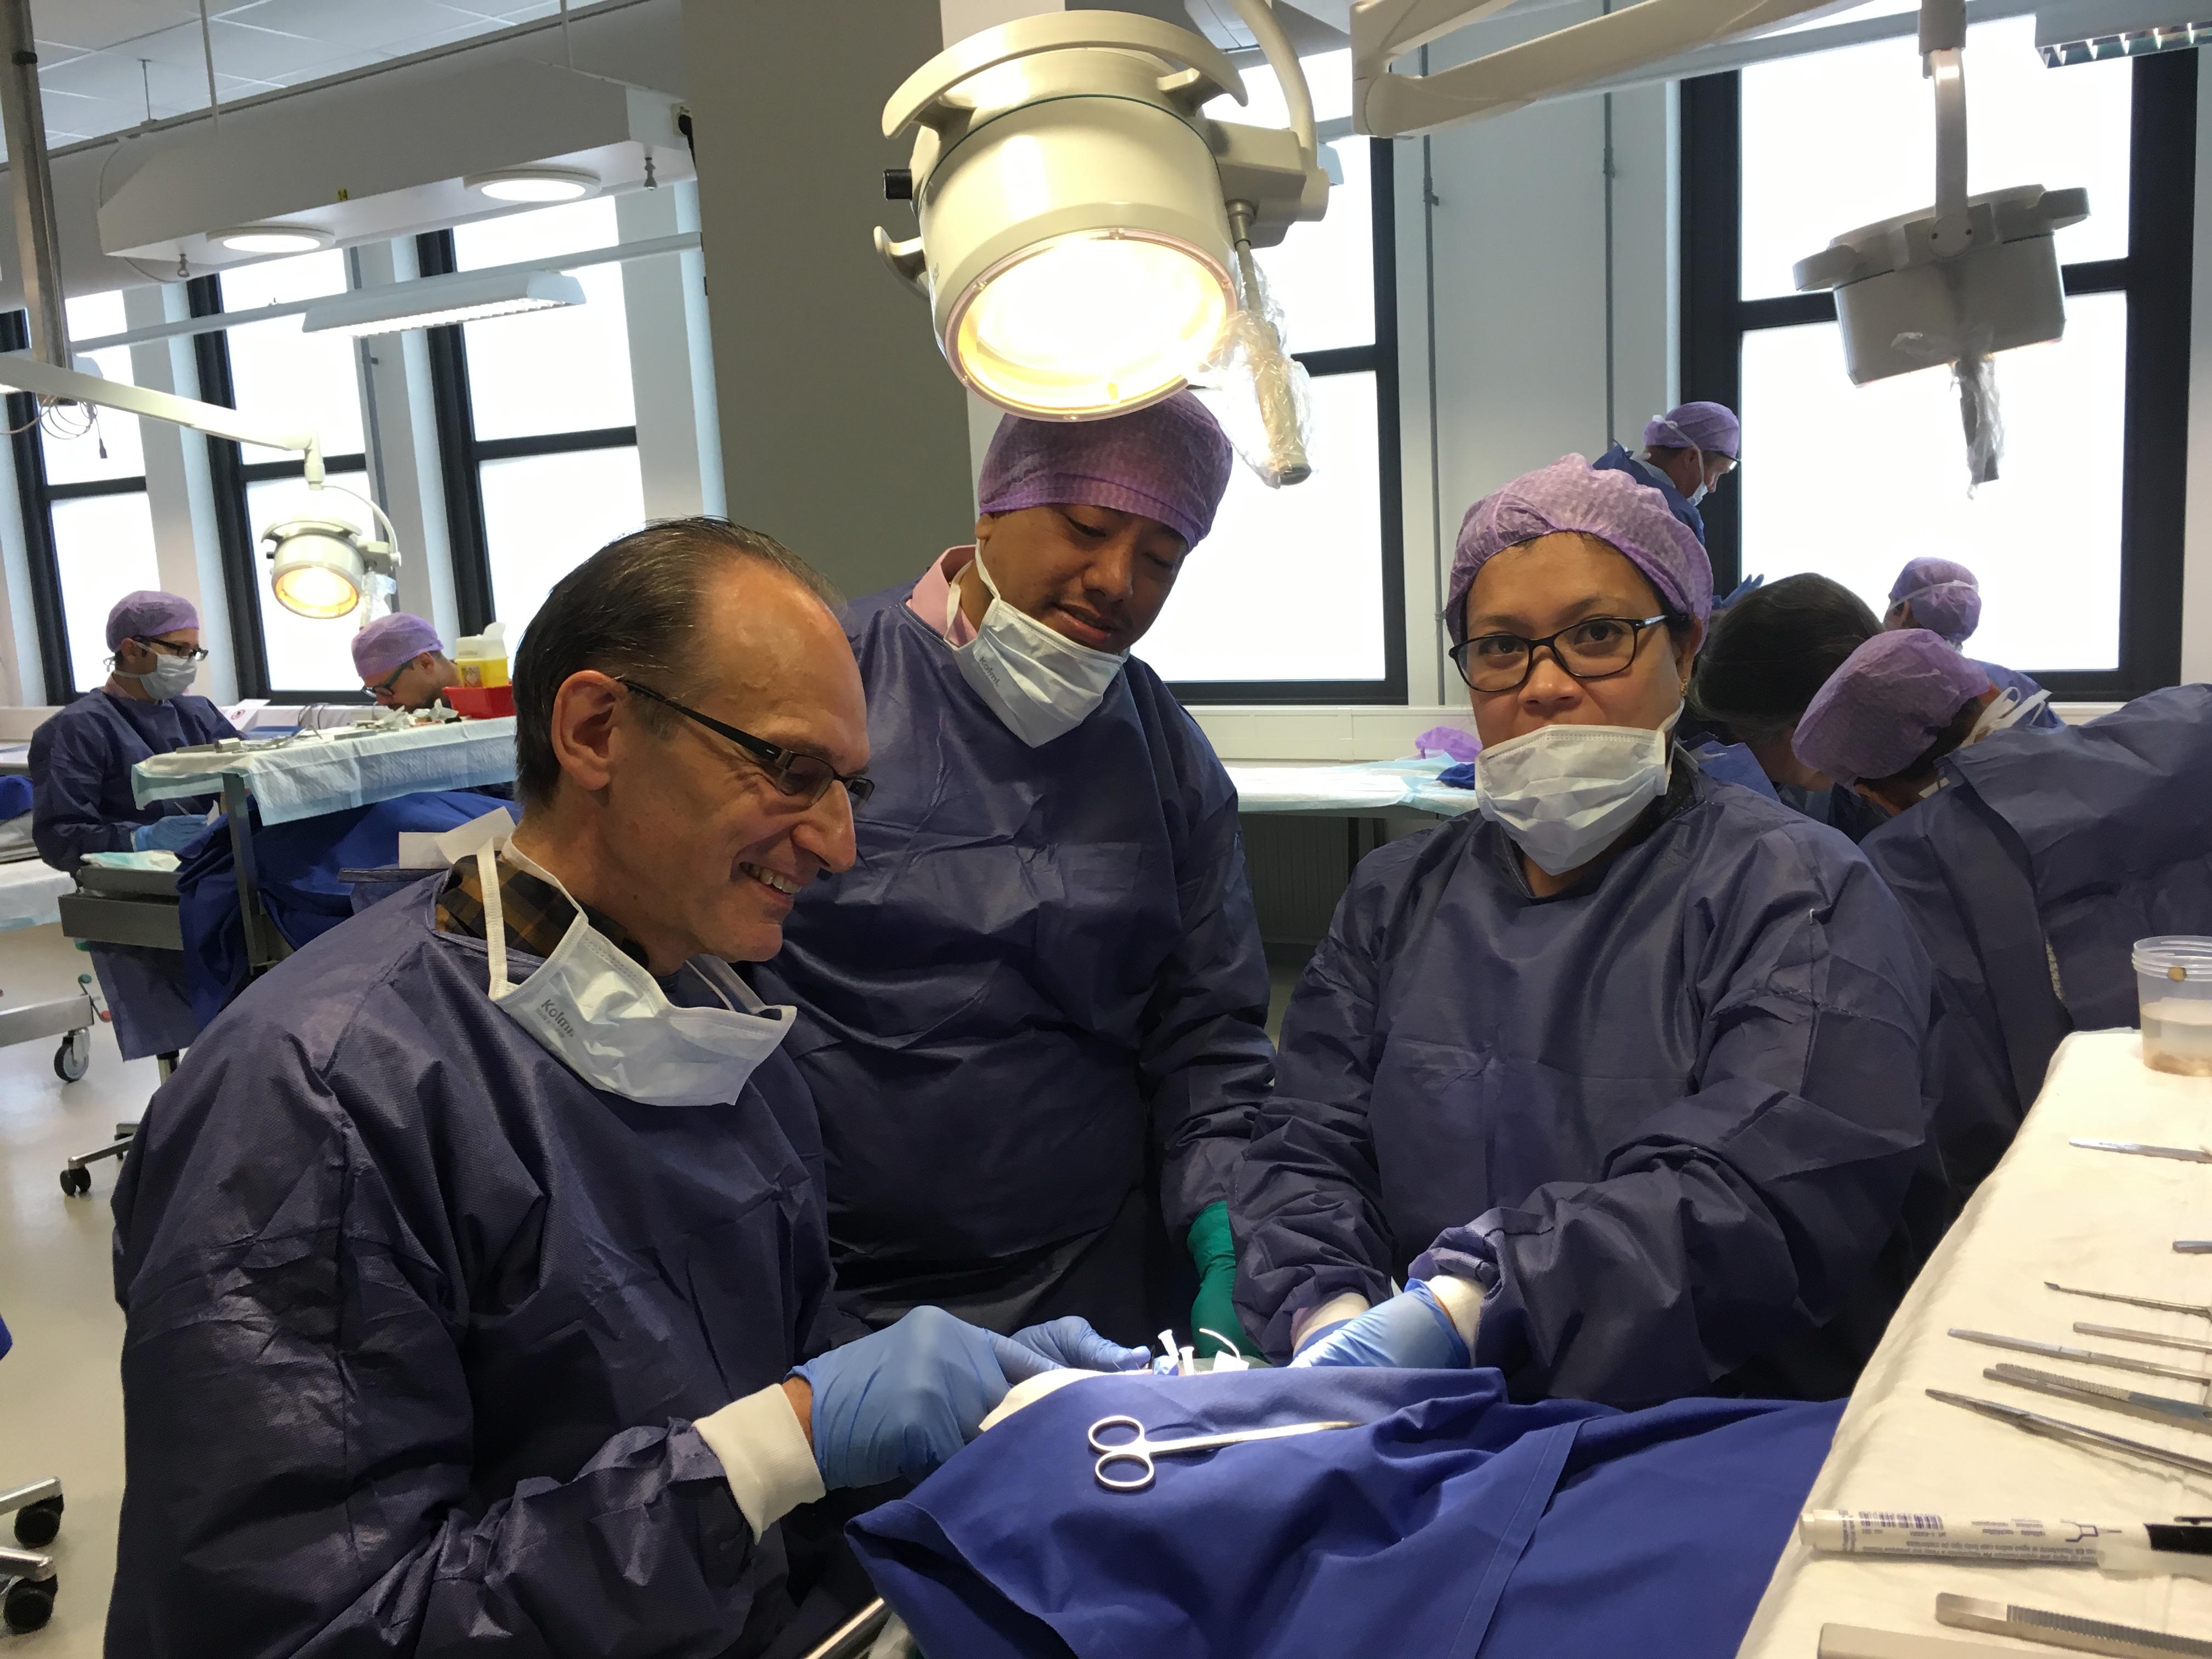 Pro. Siegert präsentiert seine Operationstechniken in einem OP-Saal